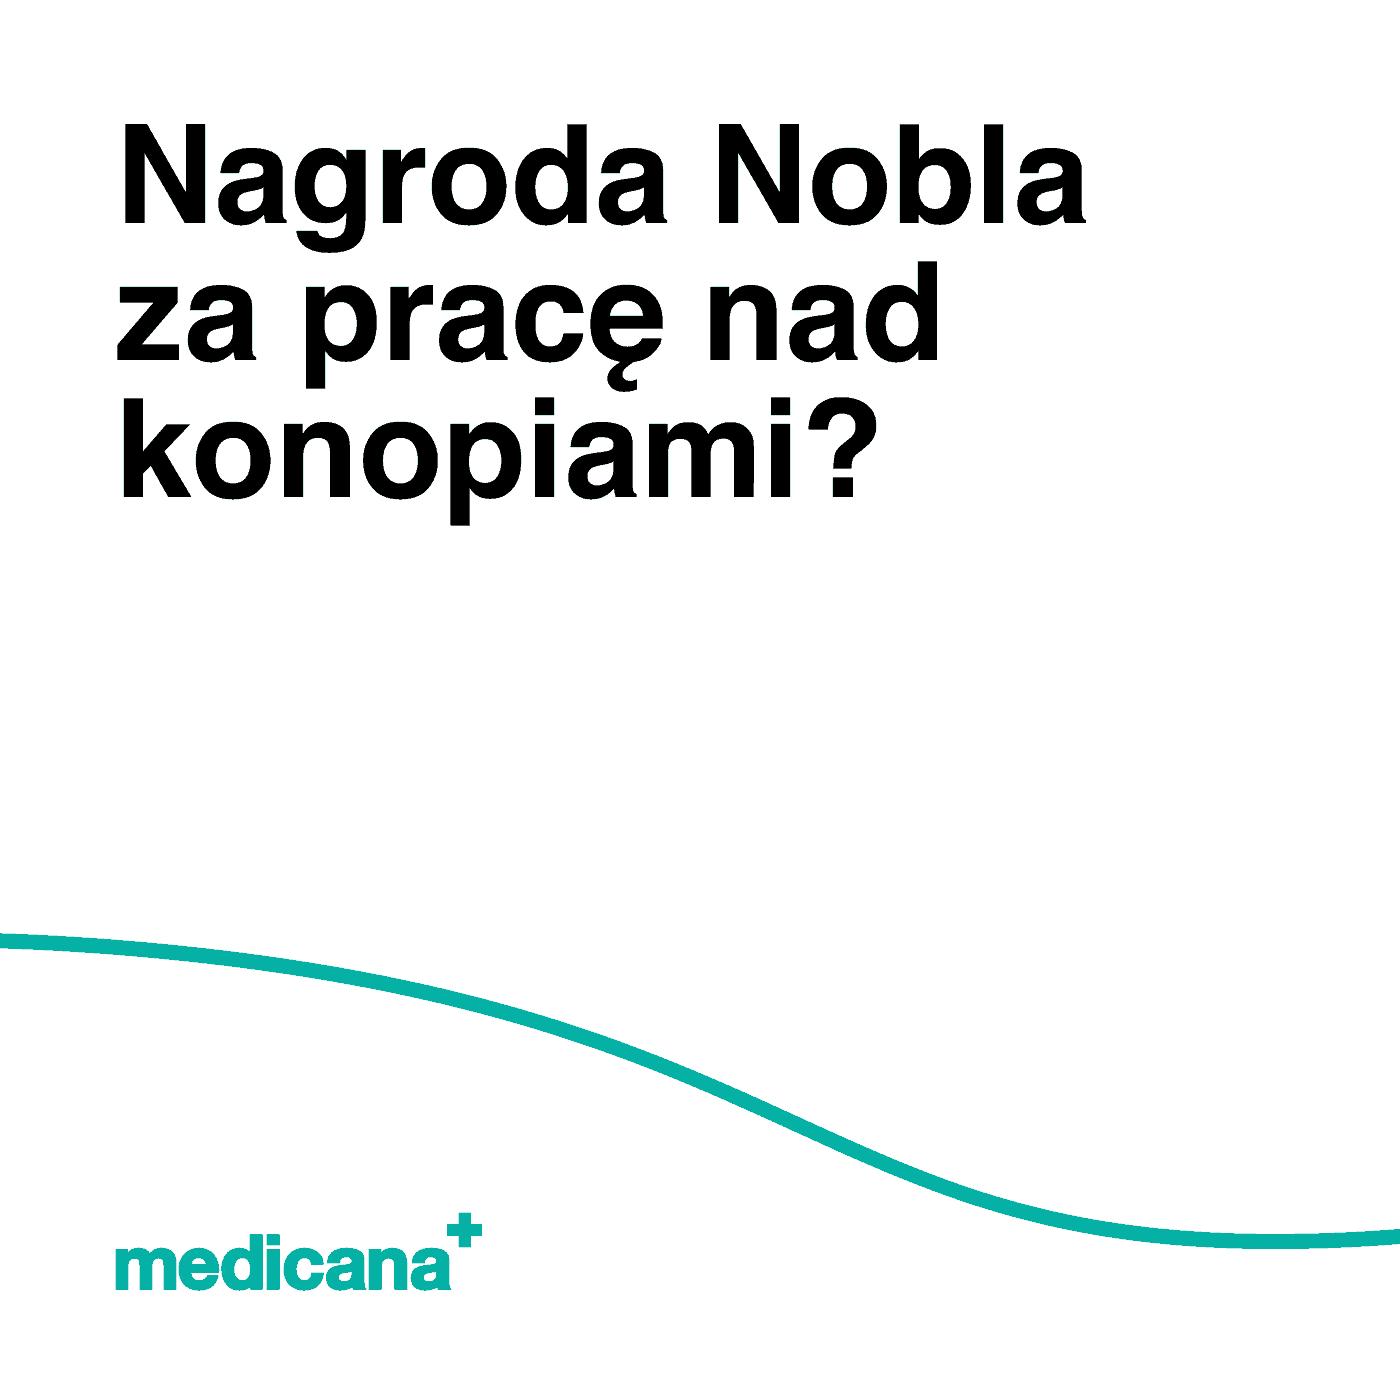 """Ilustracja, białe tło i czarny napis w lewym górnym narożniku """"Nagroda Nobla za pracę nad konopiami?"""", logotyp Medicana w kolorze zielonym w dolnym lewym narożniku."""